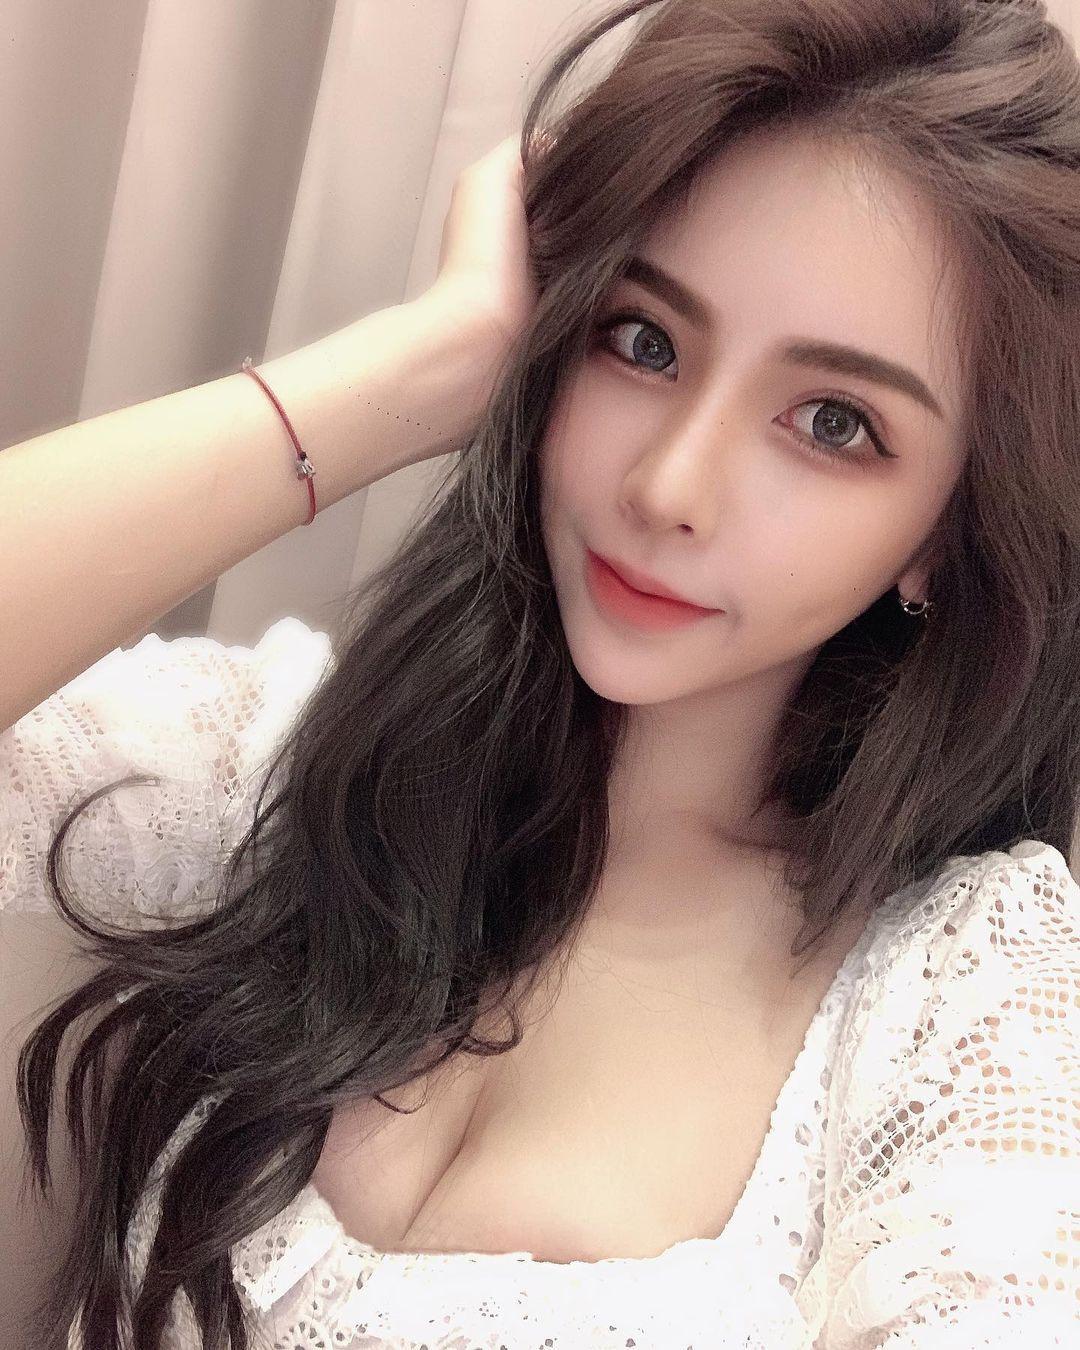 台湾妹子@菜菜 雪白美肌+窈宨曲线上岸也超hot!